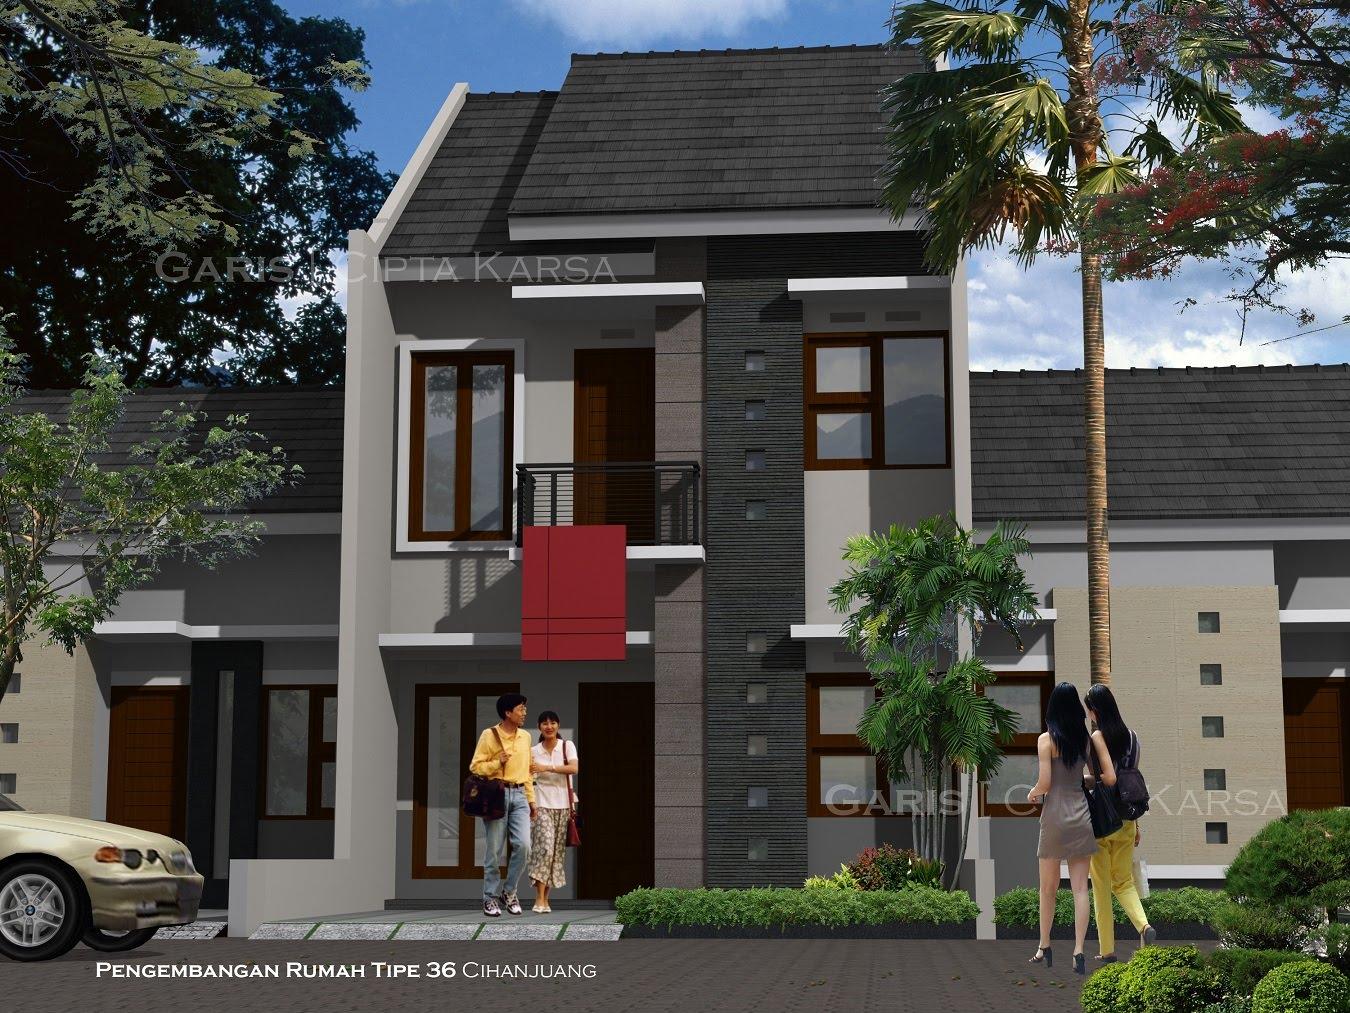 Konsep Lihat Gambar Rumah Minimalis Type 36, Gambar Rumah